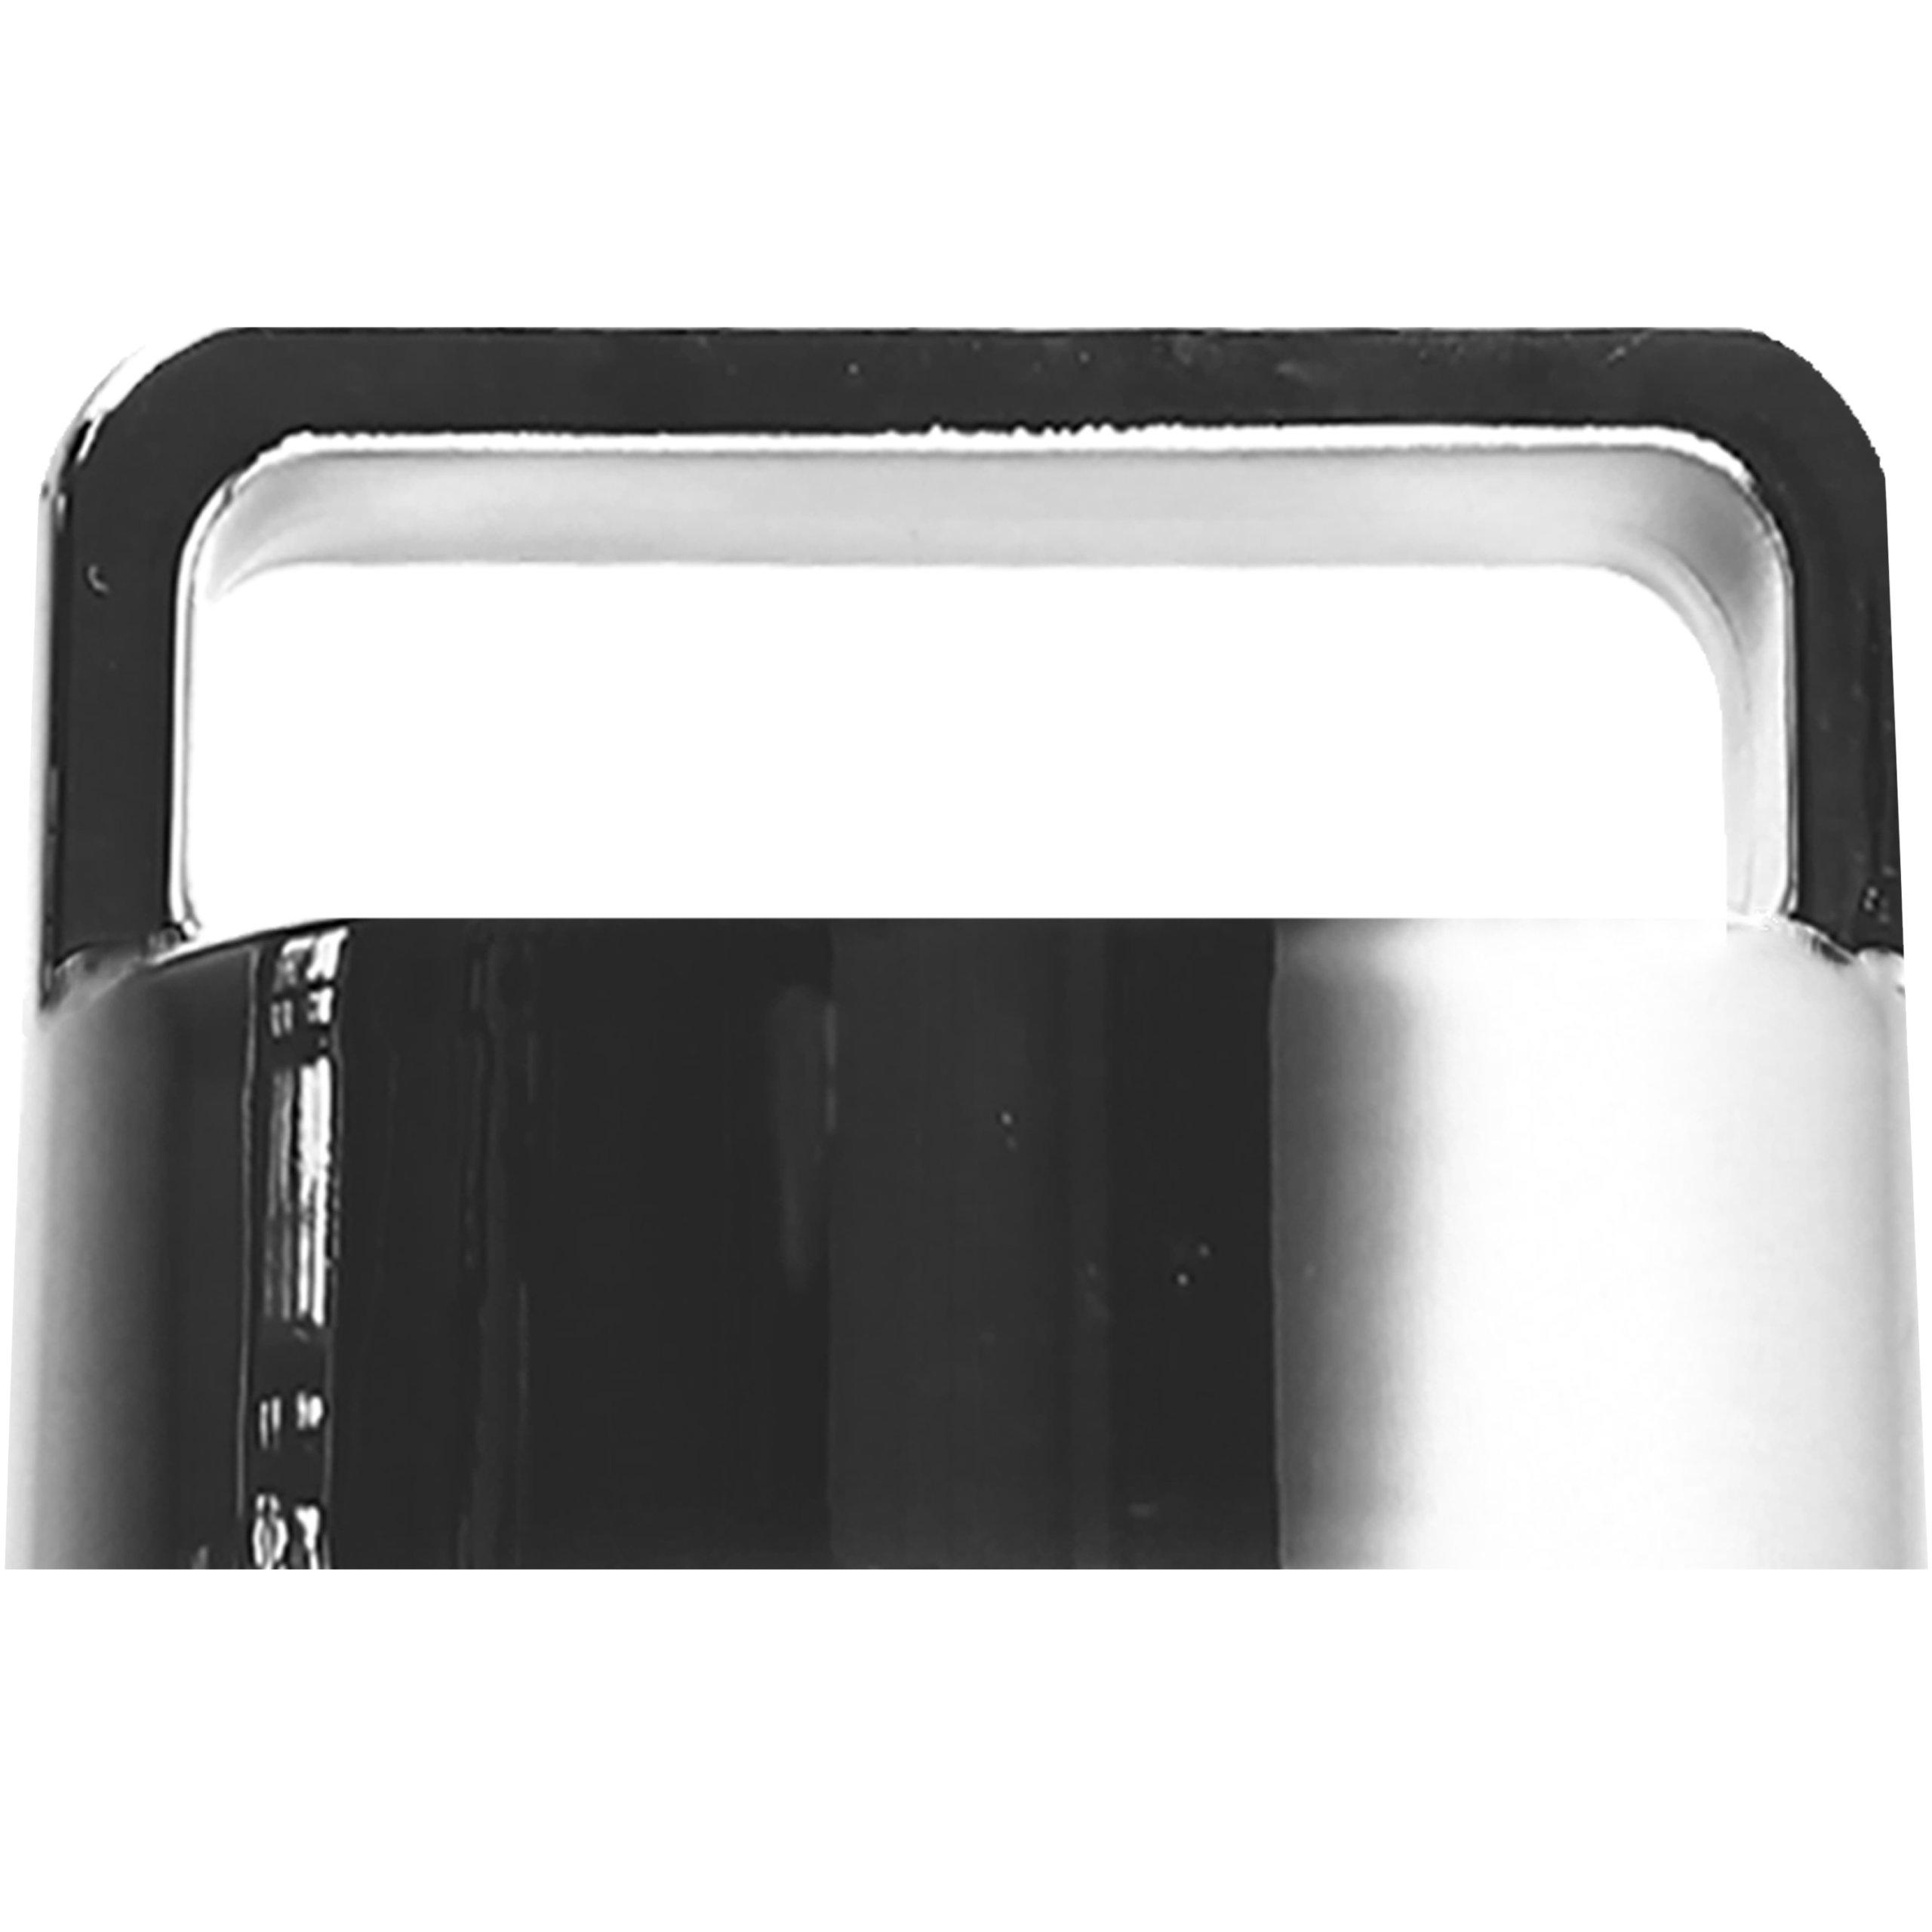 amapodo Ersatzdeckel in Silber passend für 400ml Glasflaschen - Edelstahlkern BPA-Frei